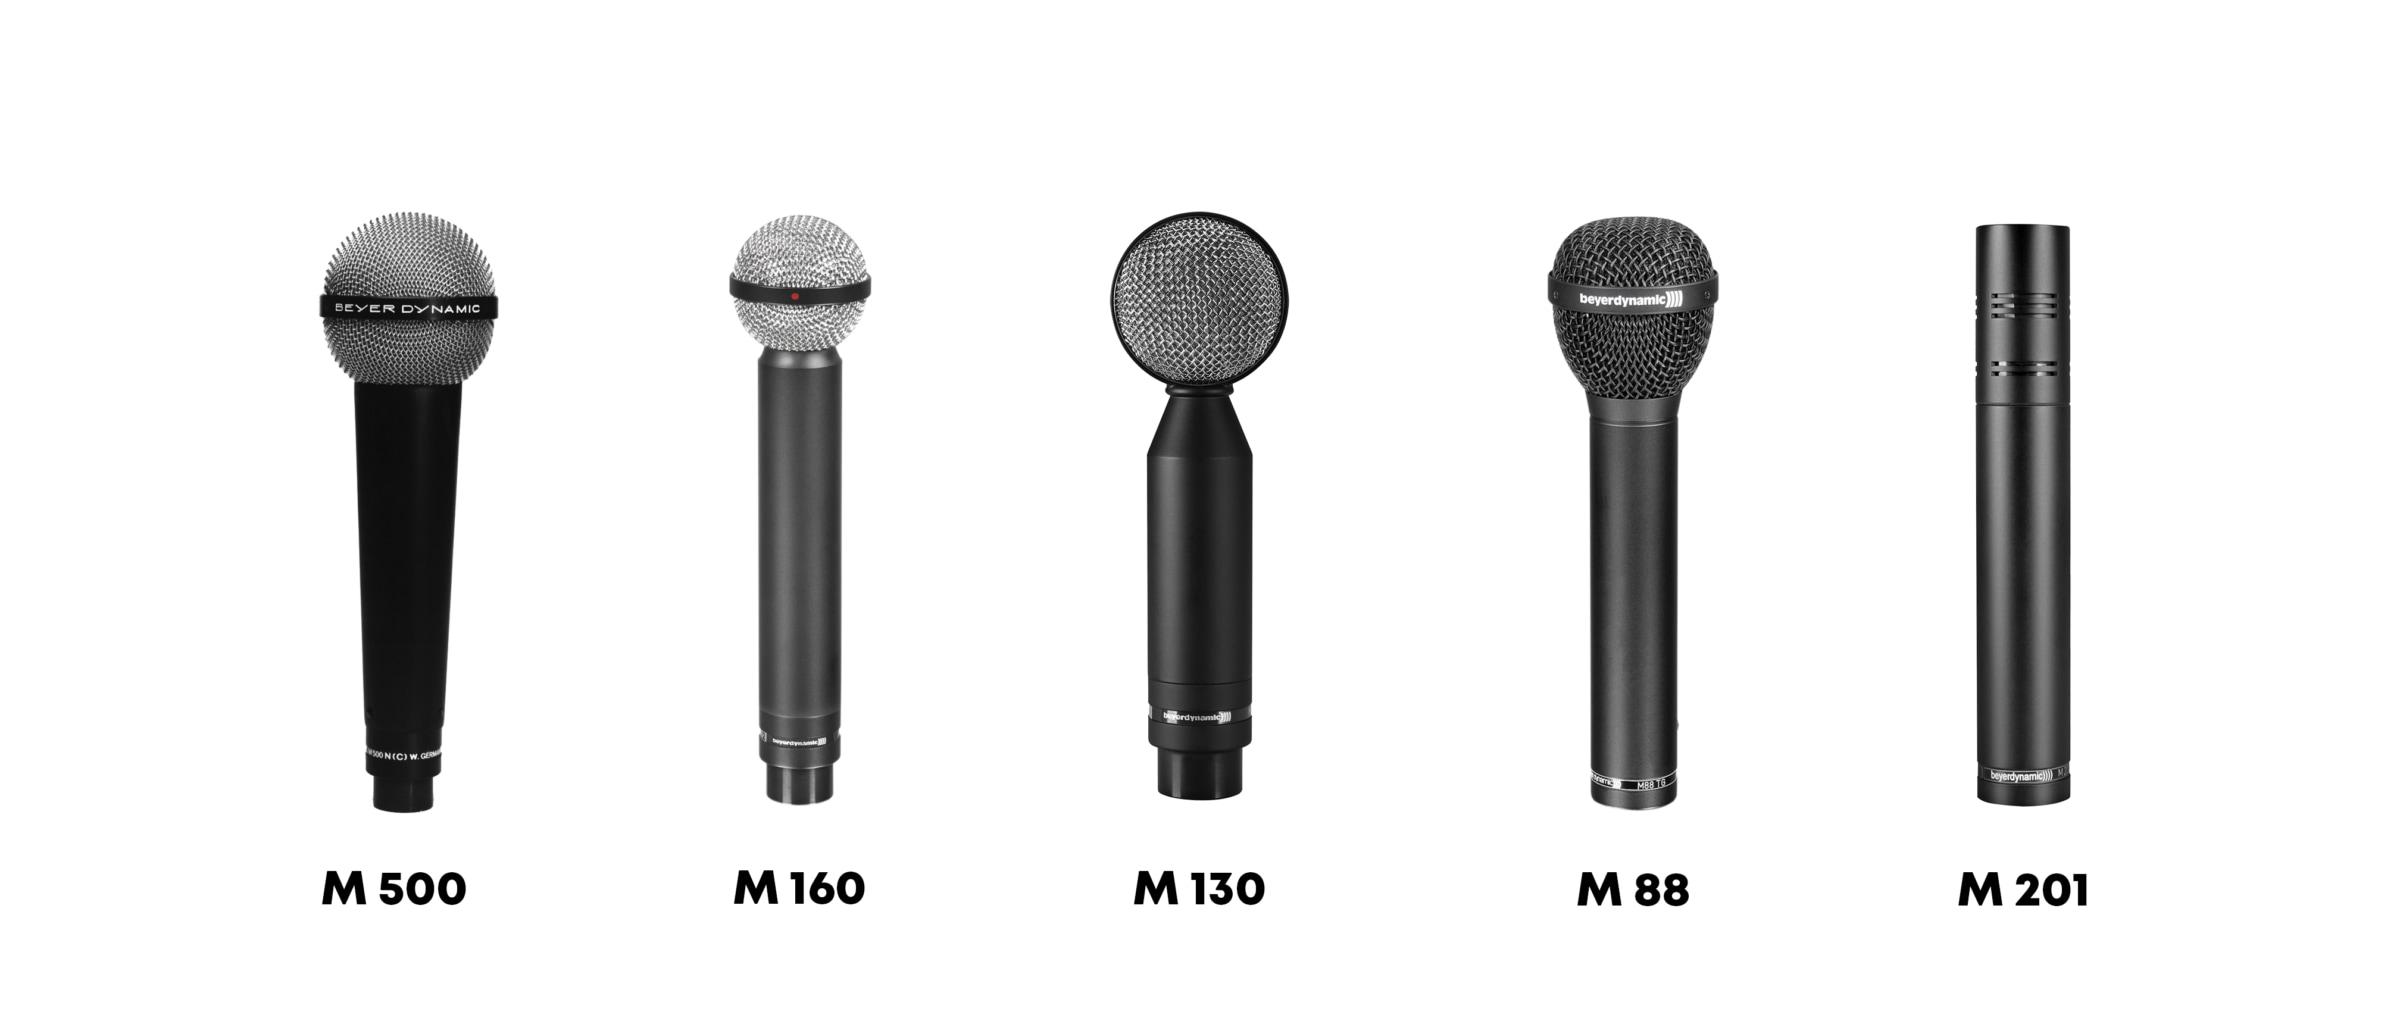 Steve Albini Favorite beyerdynamic mics